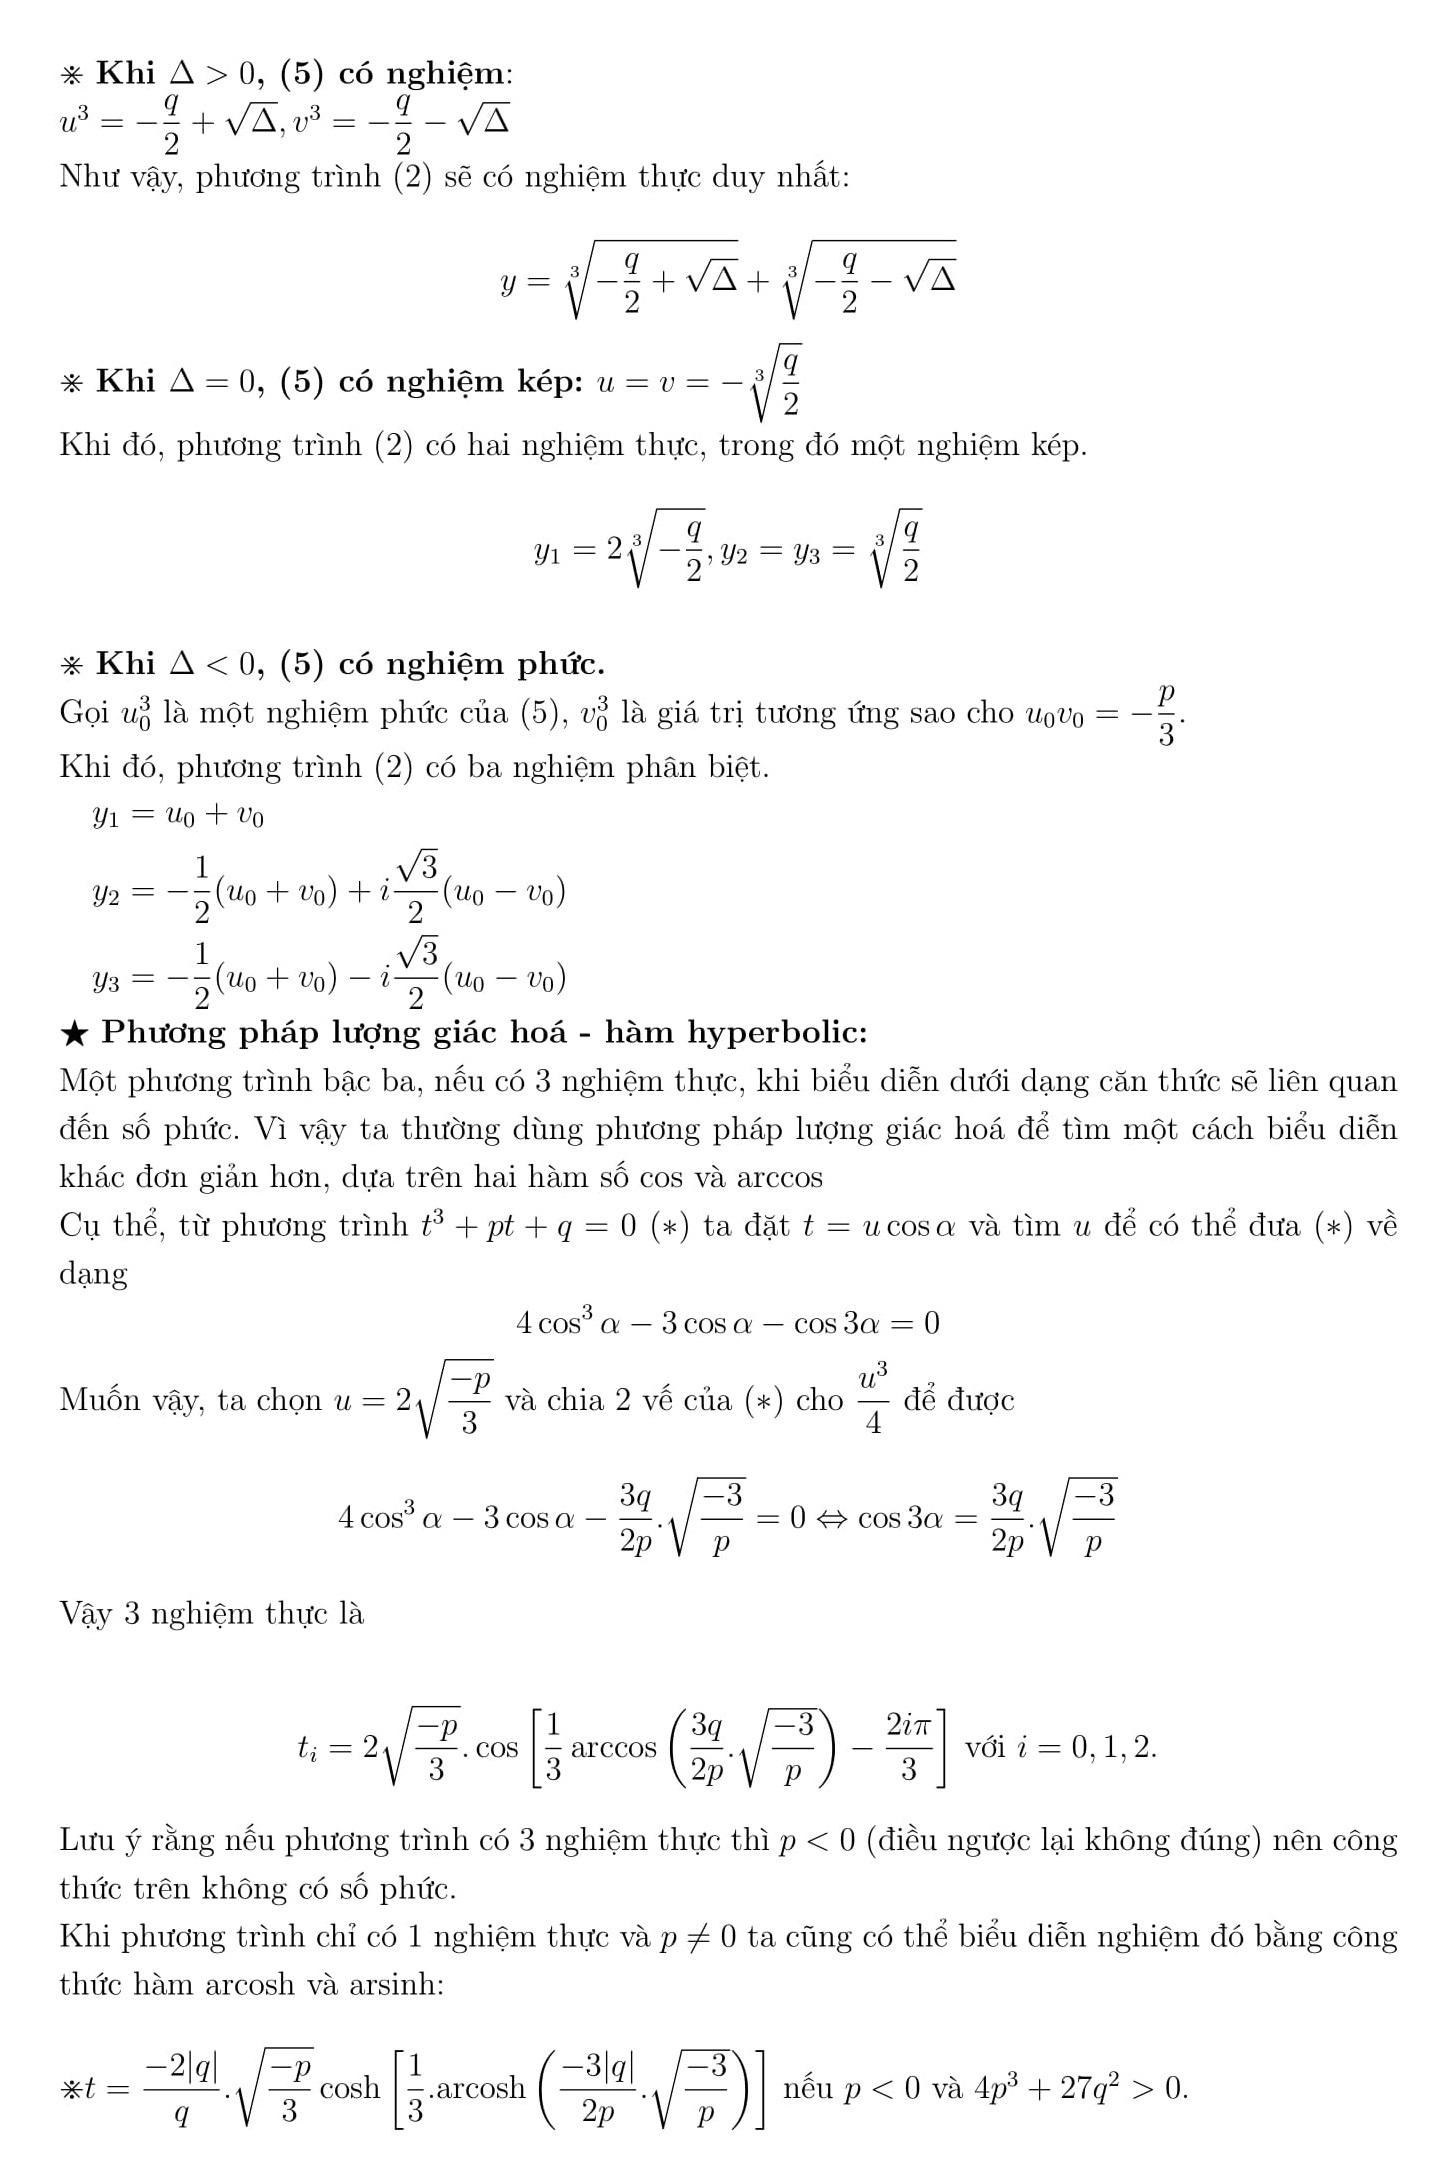 Chuyên đề Toán 12: Phương trình và hệ phương trình